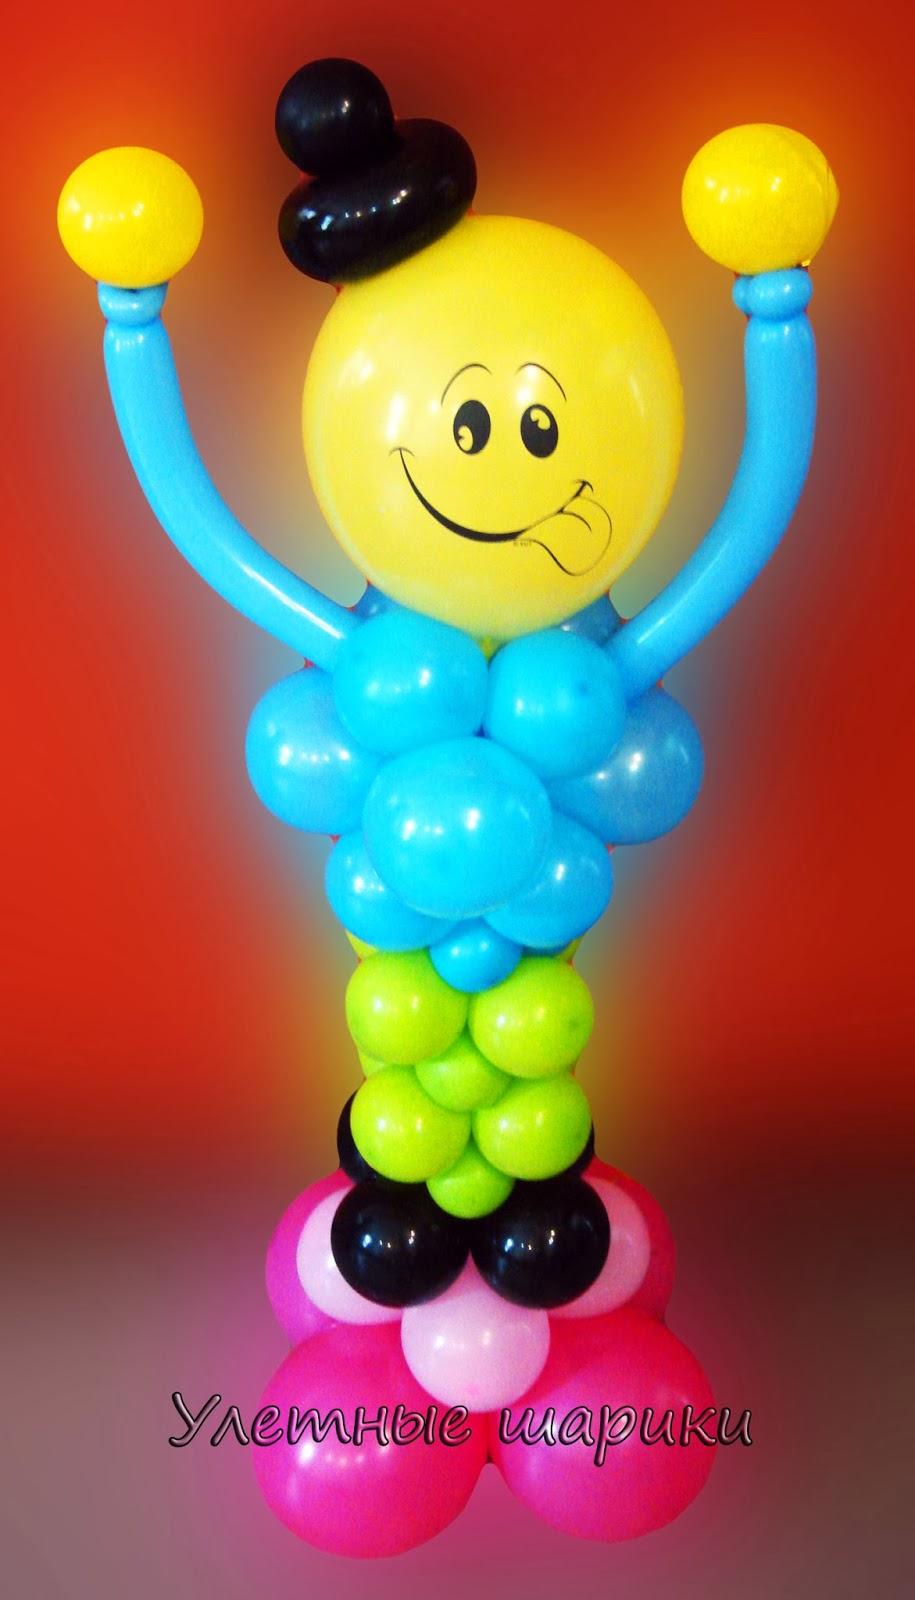 человечек с воздушными шариками